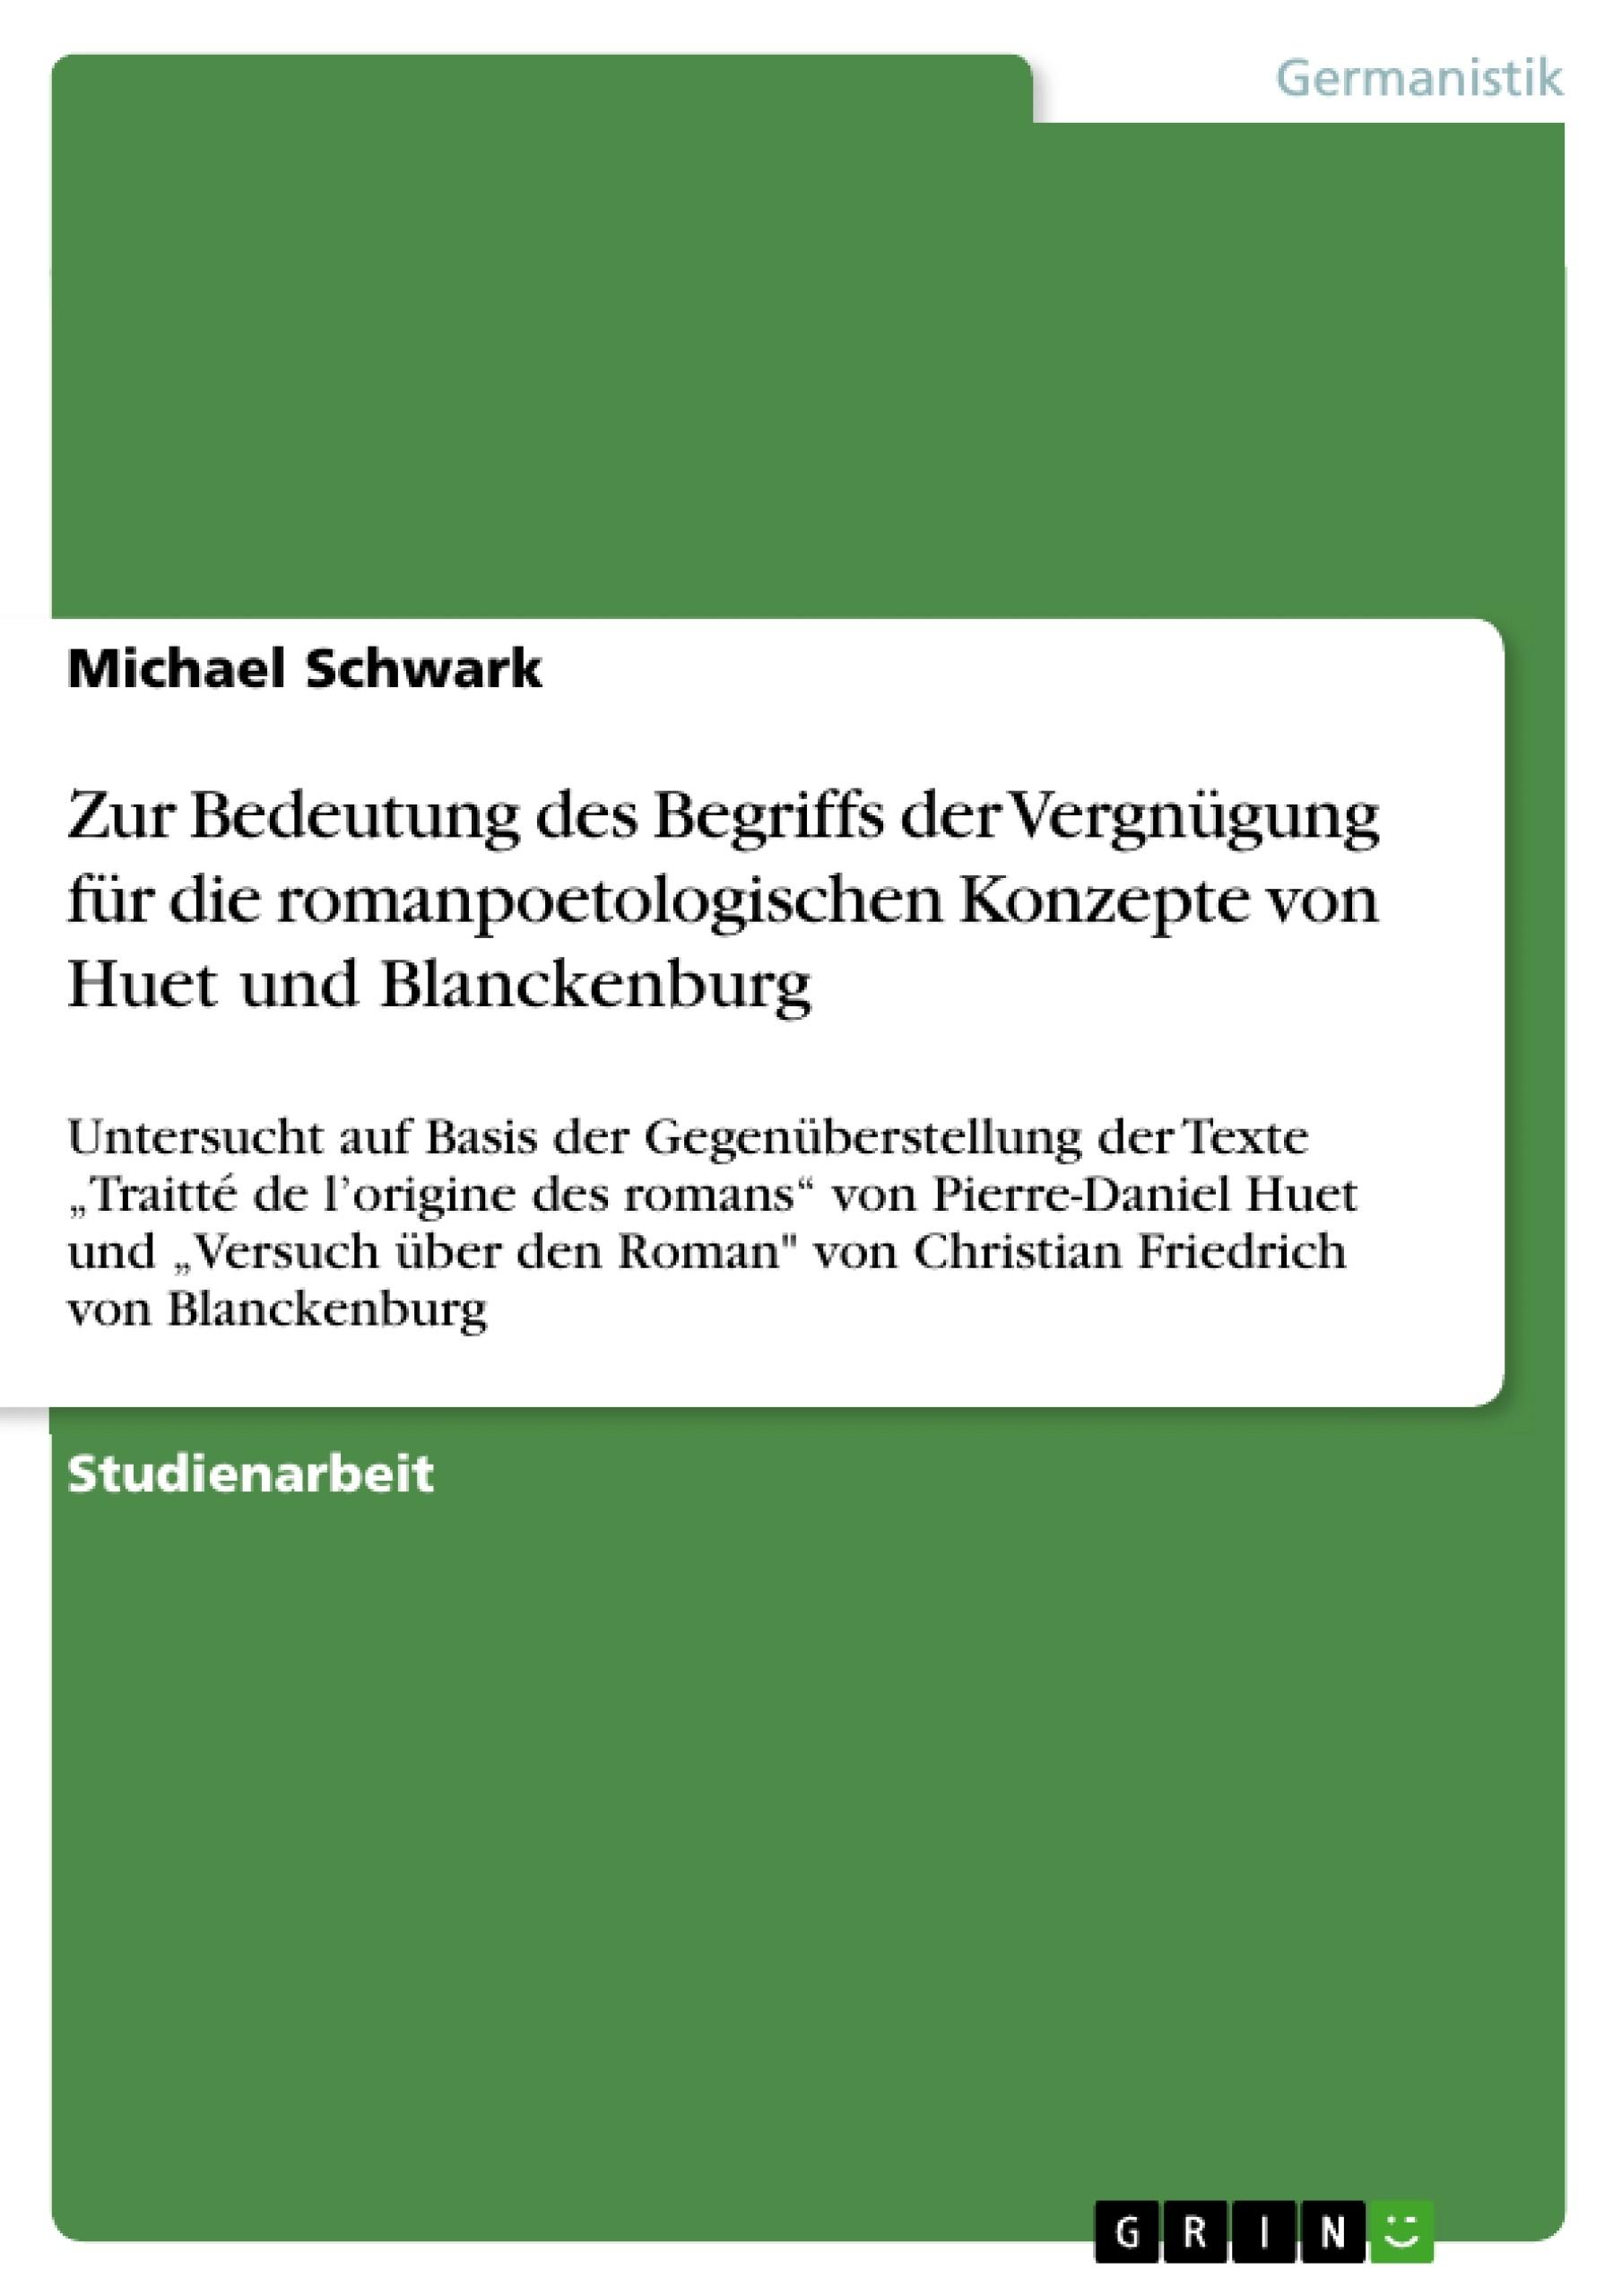 Titel: Zur Bedeutung des Begriffs der Vergnügung für die romanpoetologischen Konzepte von Huet und Blanckenburg